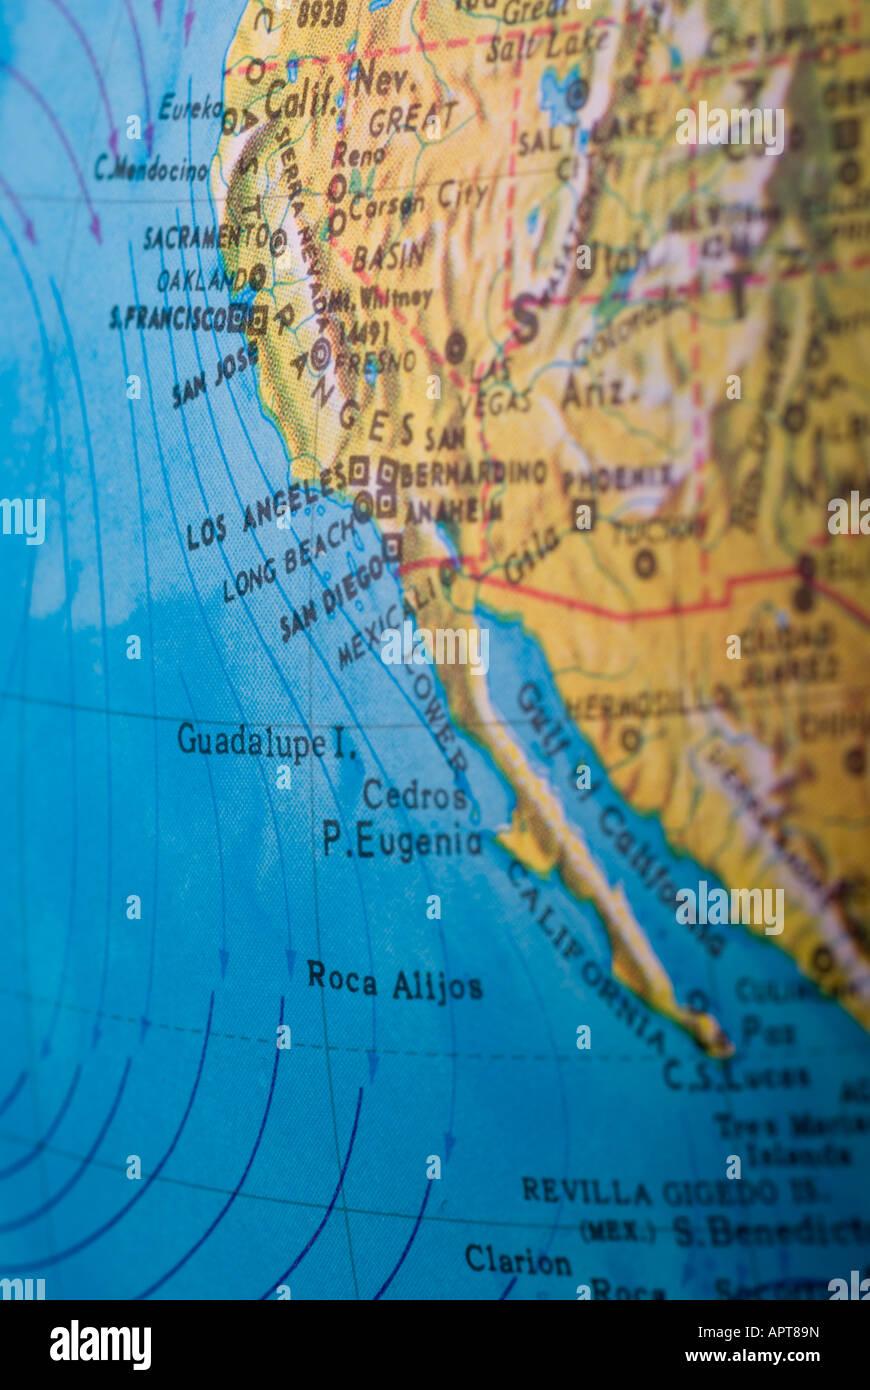 America Occidentale Cartina.Mappa California Immagini E Fotos Stock Alamy